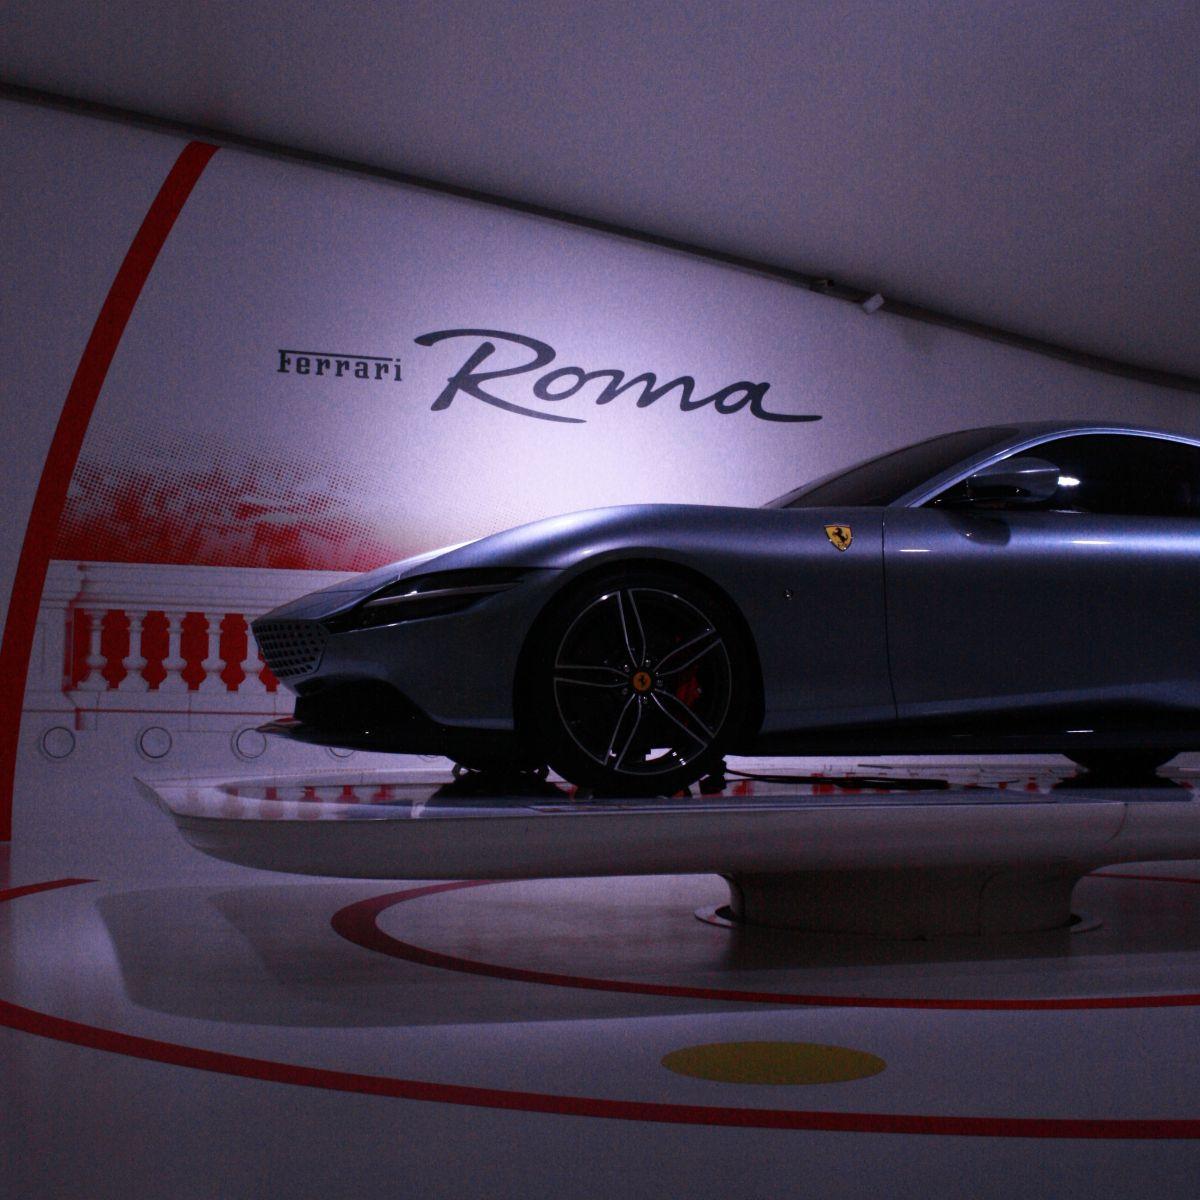 Por qué la Ferrari Roma es el automóvil más hermoso que la compañía ha producido en mucho tiempo